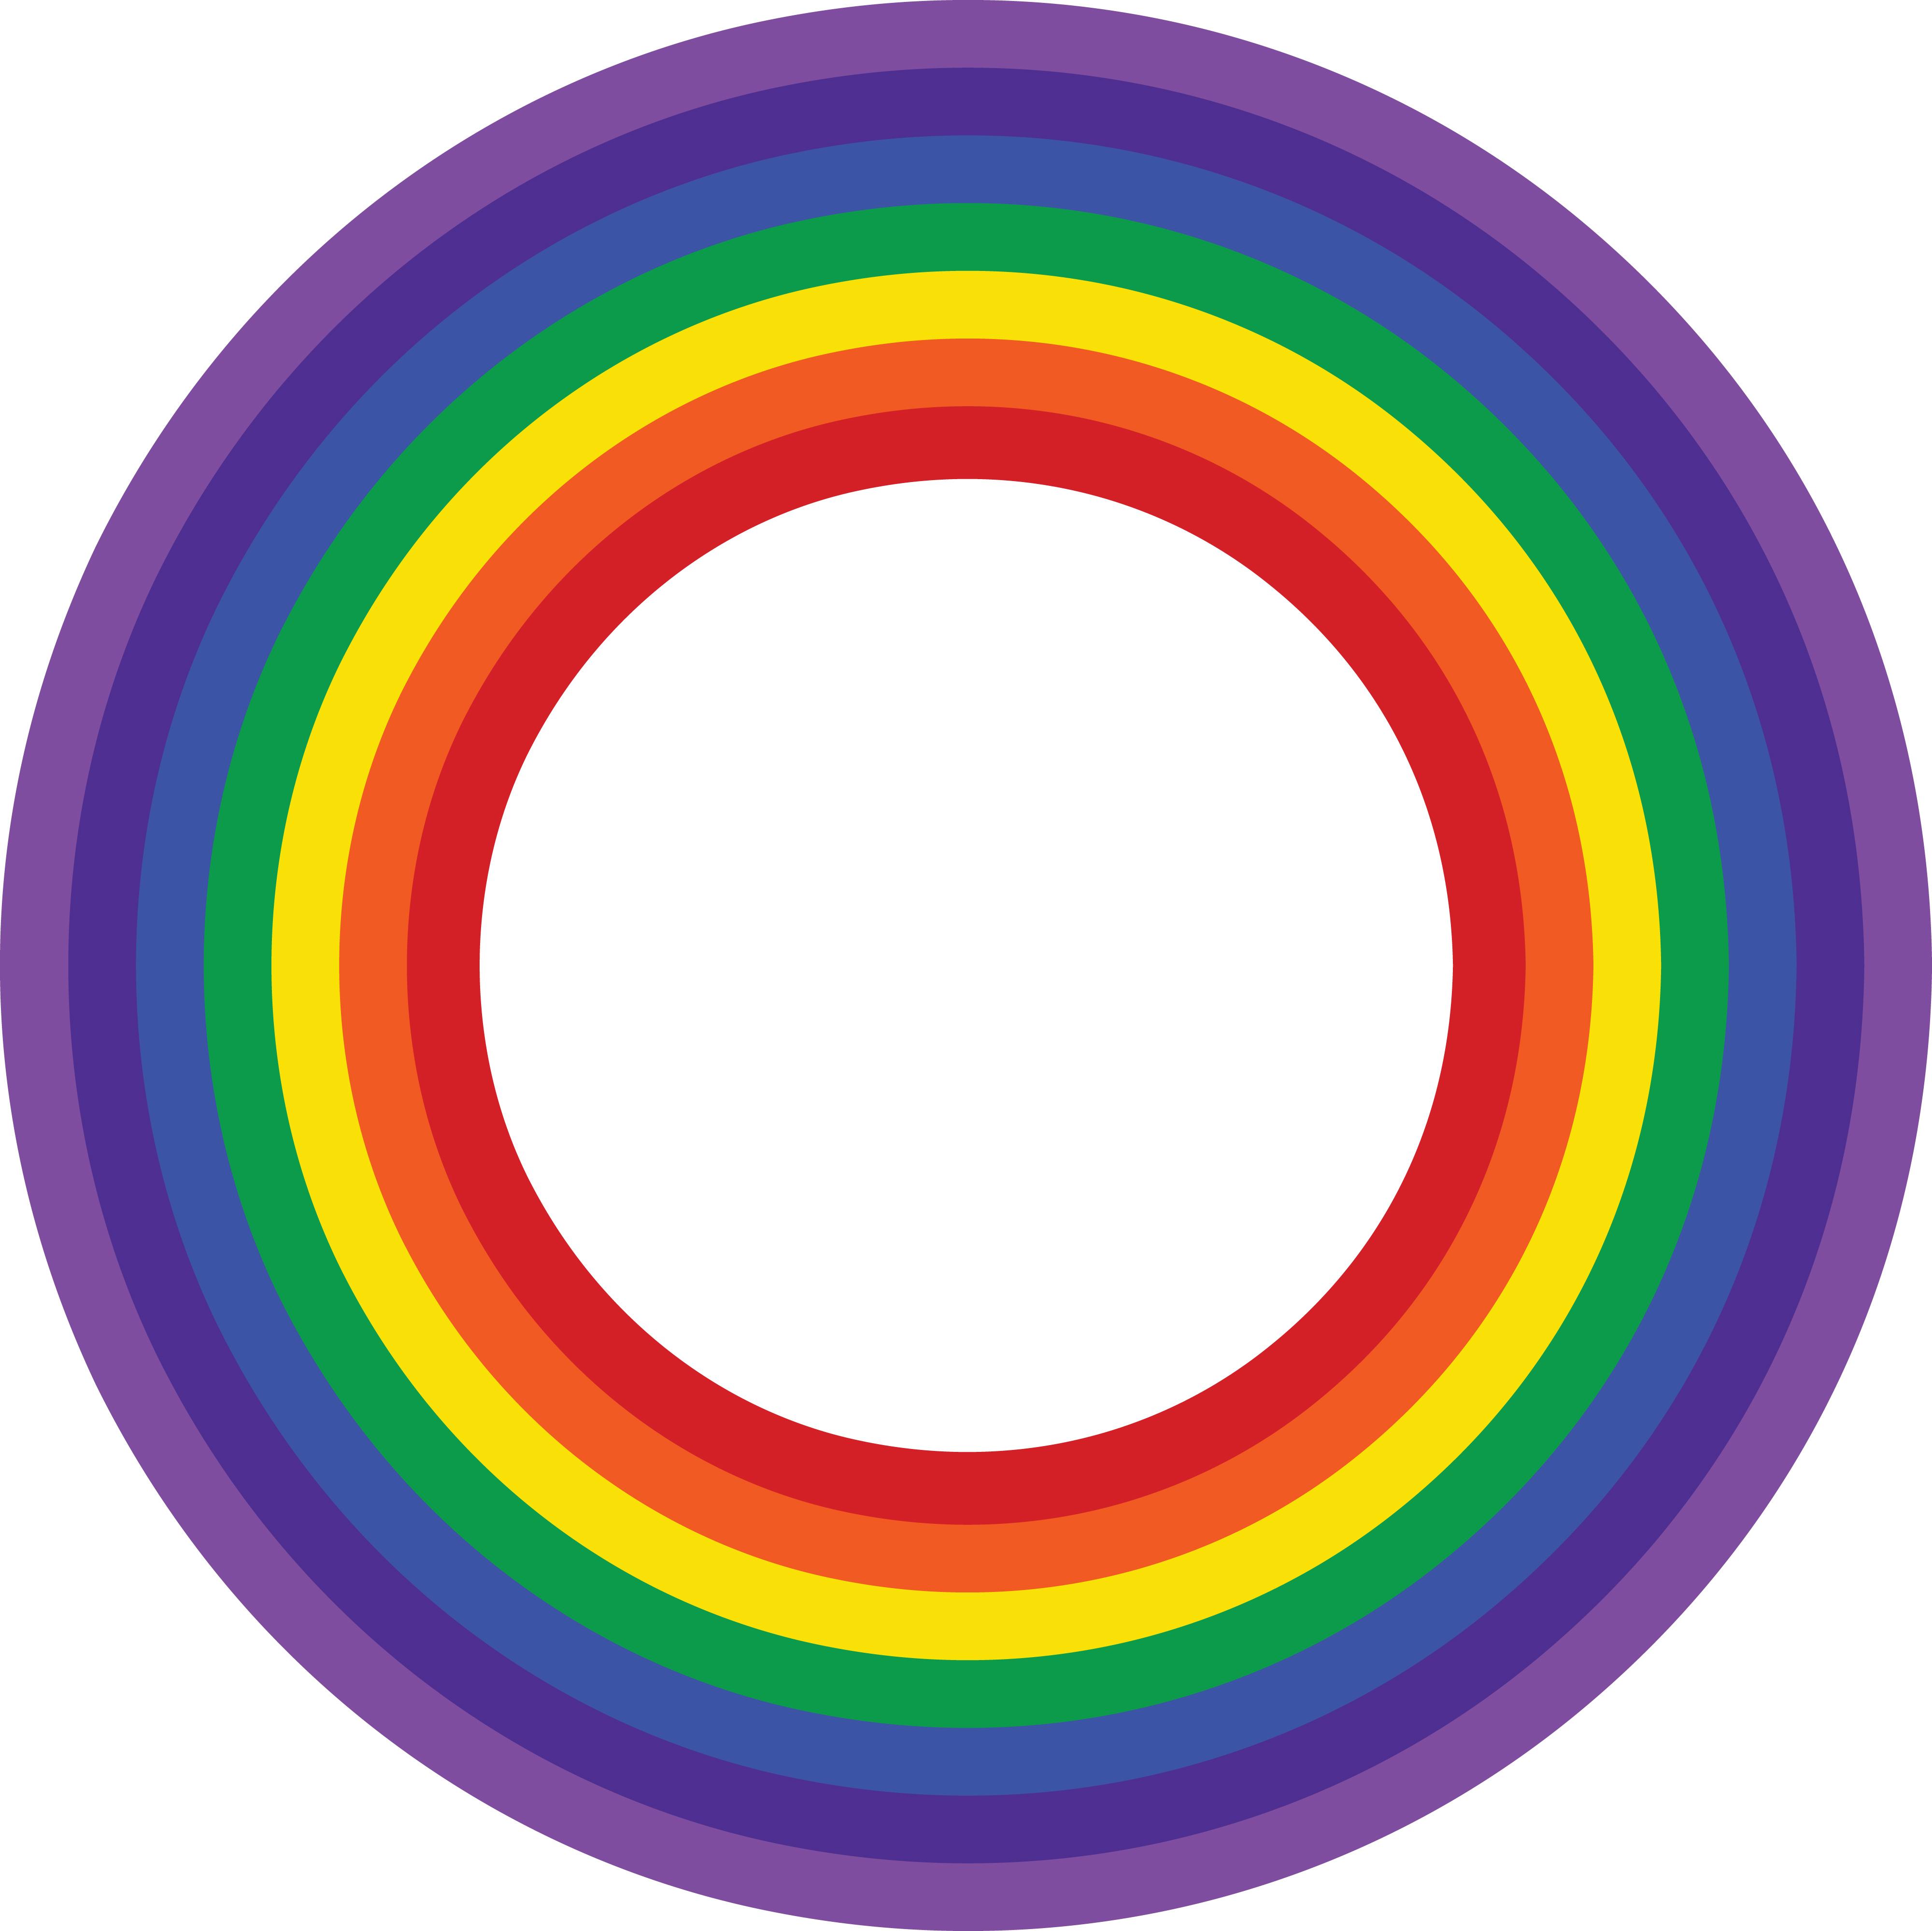 4000x3998 Clipart Of A Rainbow Border